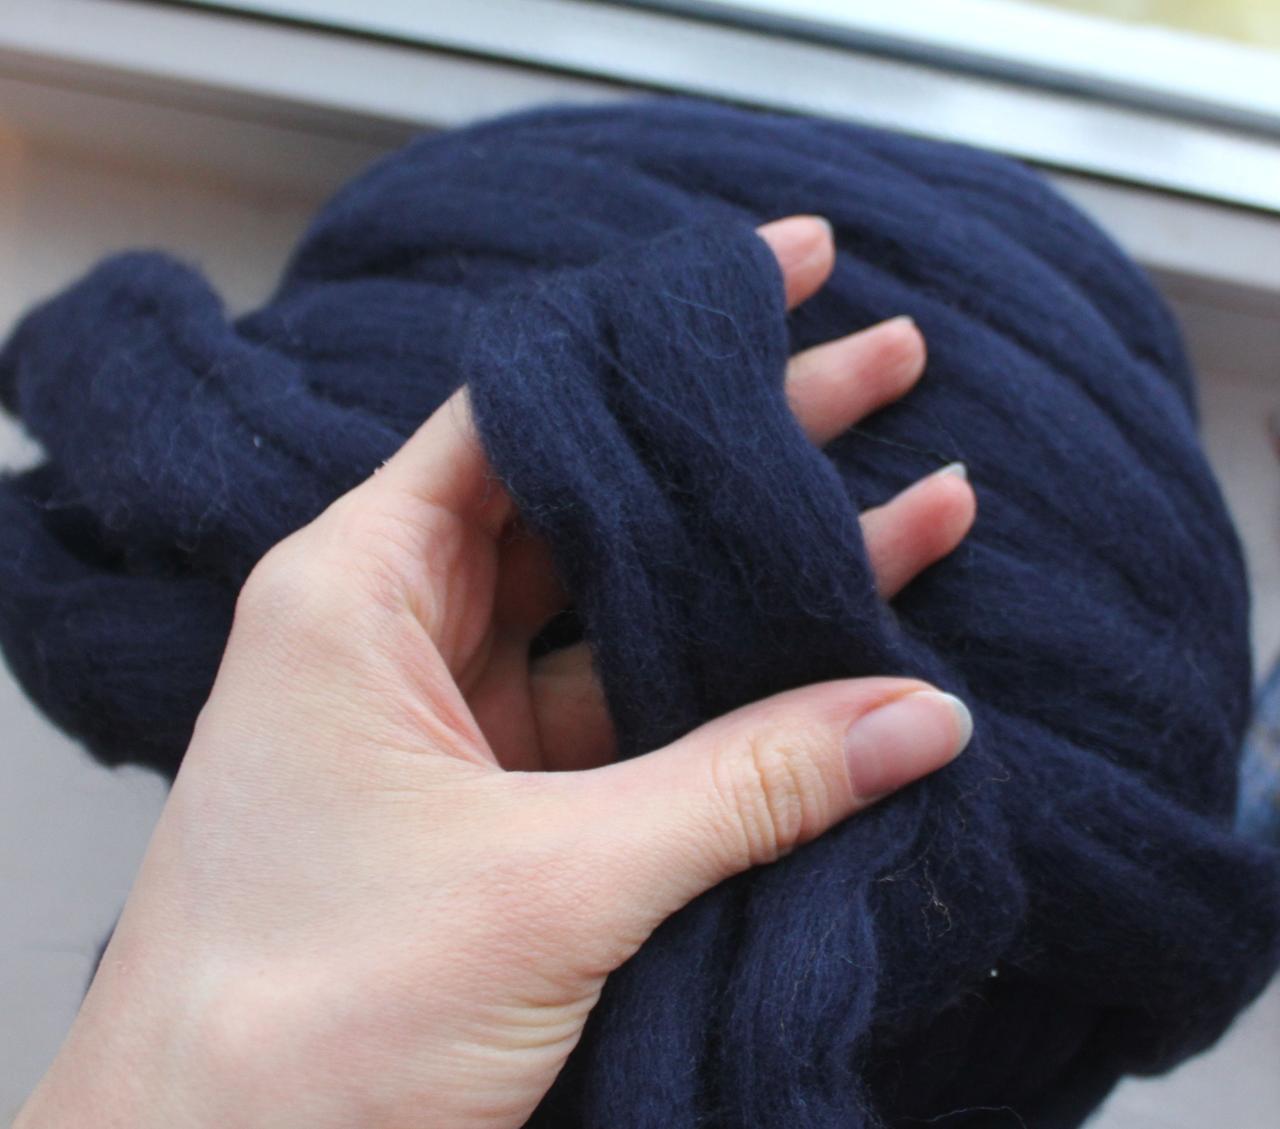 Толстая, крупная пряжа 100% шерсть 100г (4м). Цвет: Темно-синий. 25 мкрн. Топс. Лента для пледов